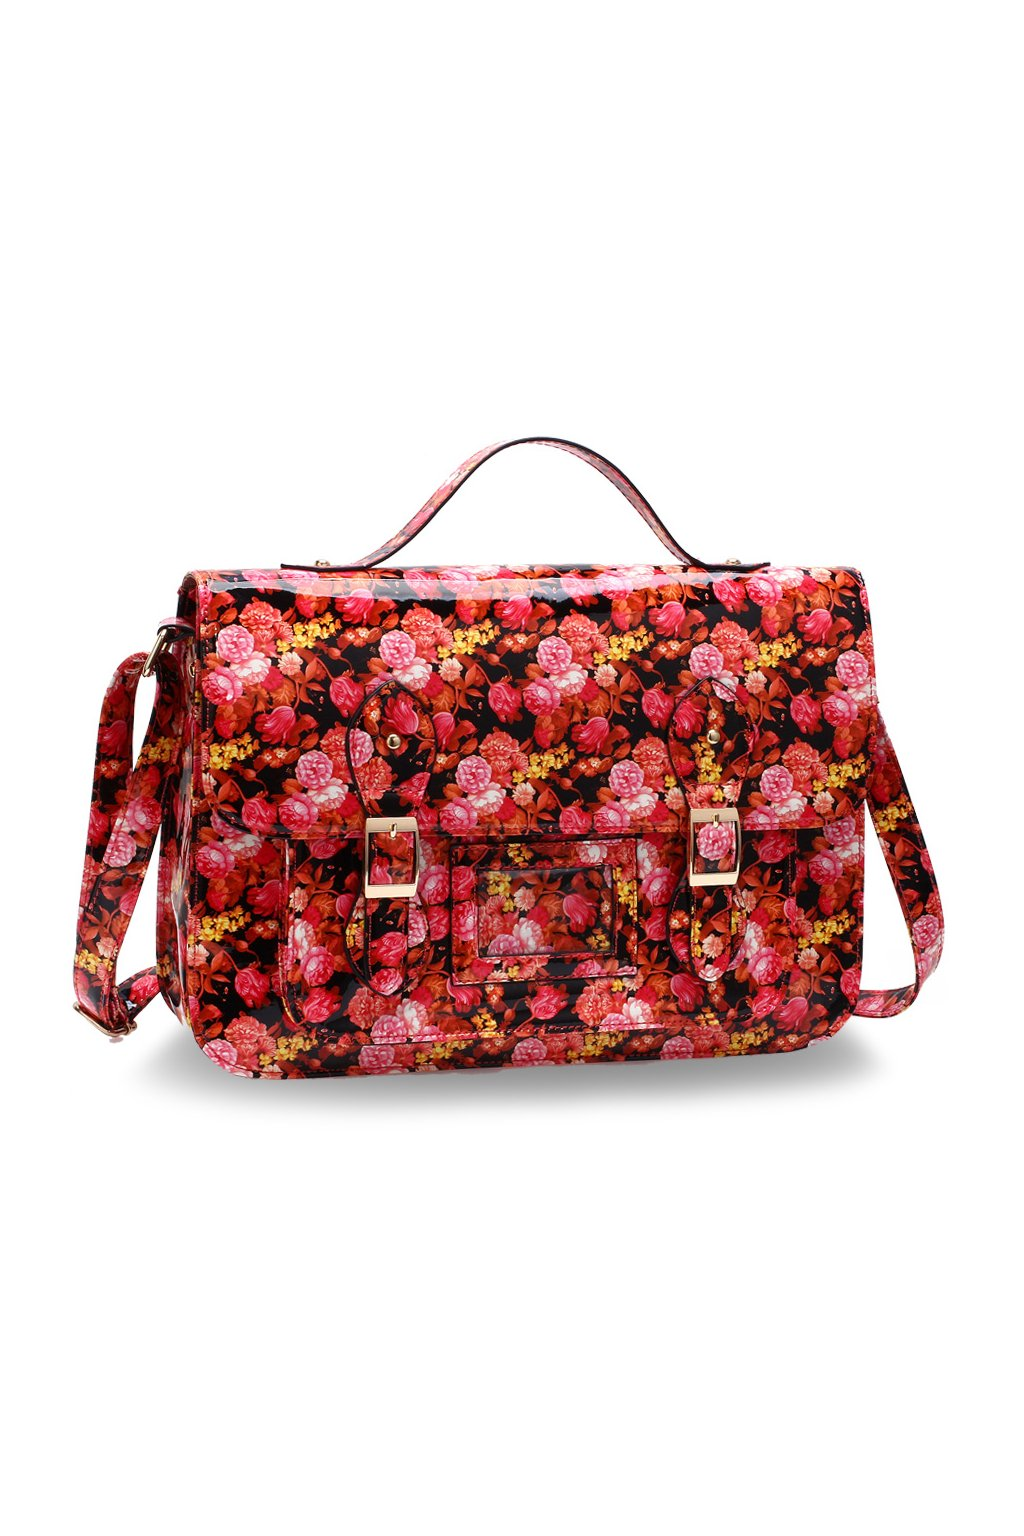 Crossbody kabelka Minnie Floral ružová AG00672